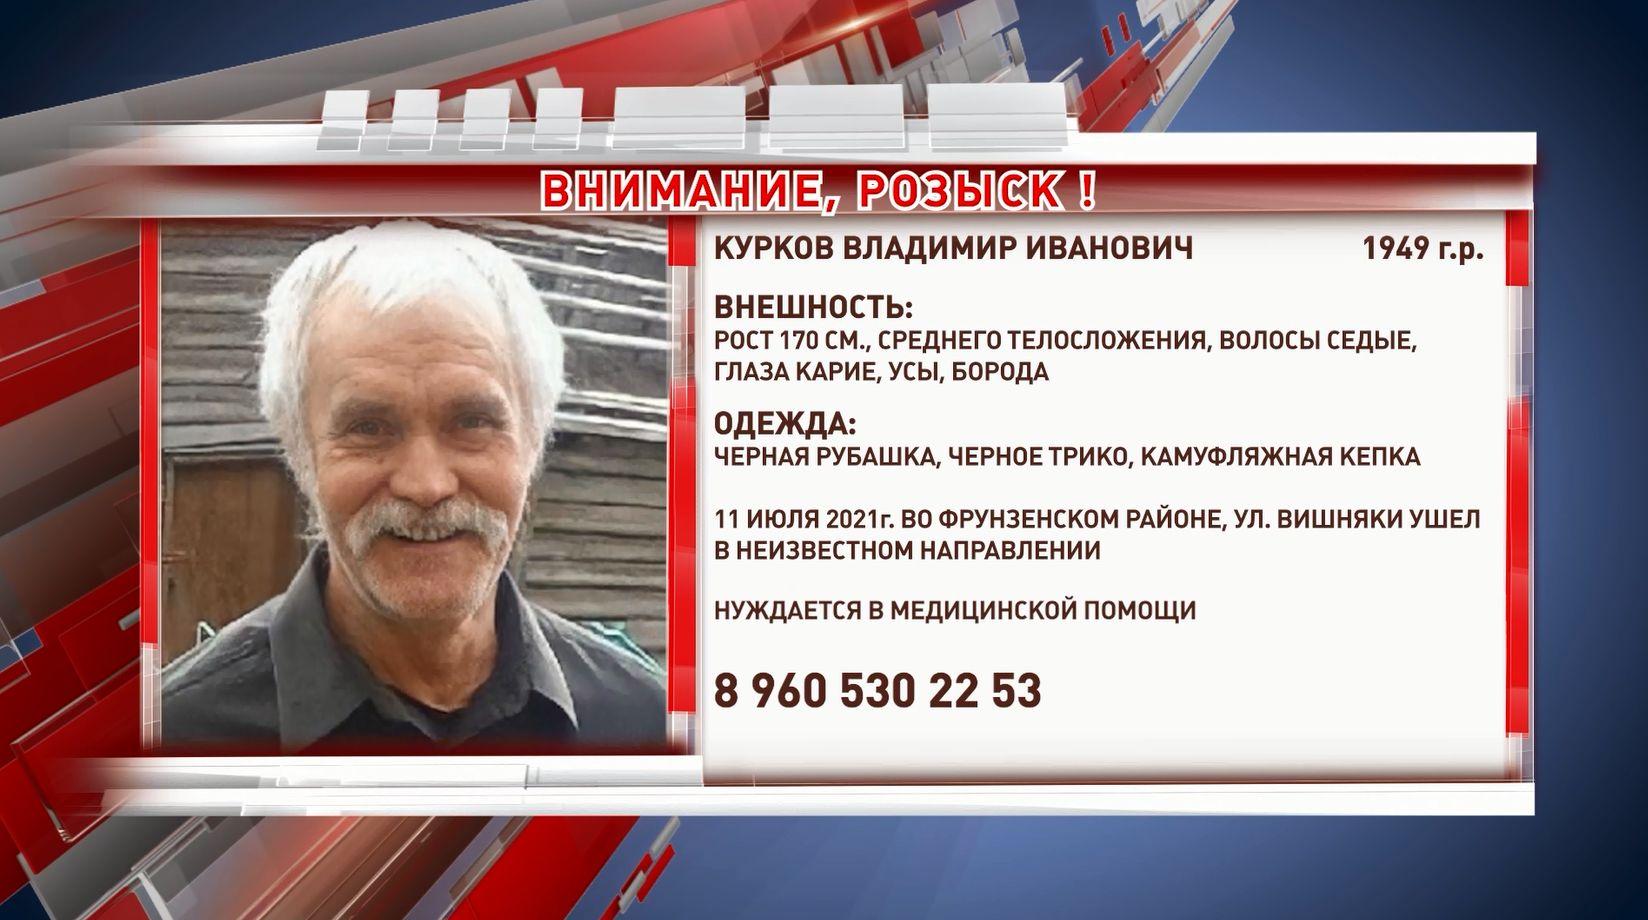 В Ярославле разыскивают 72-летнего Куркова Владимира Ивановича